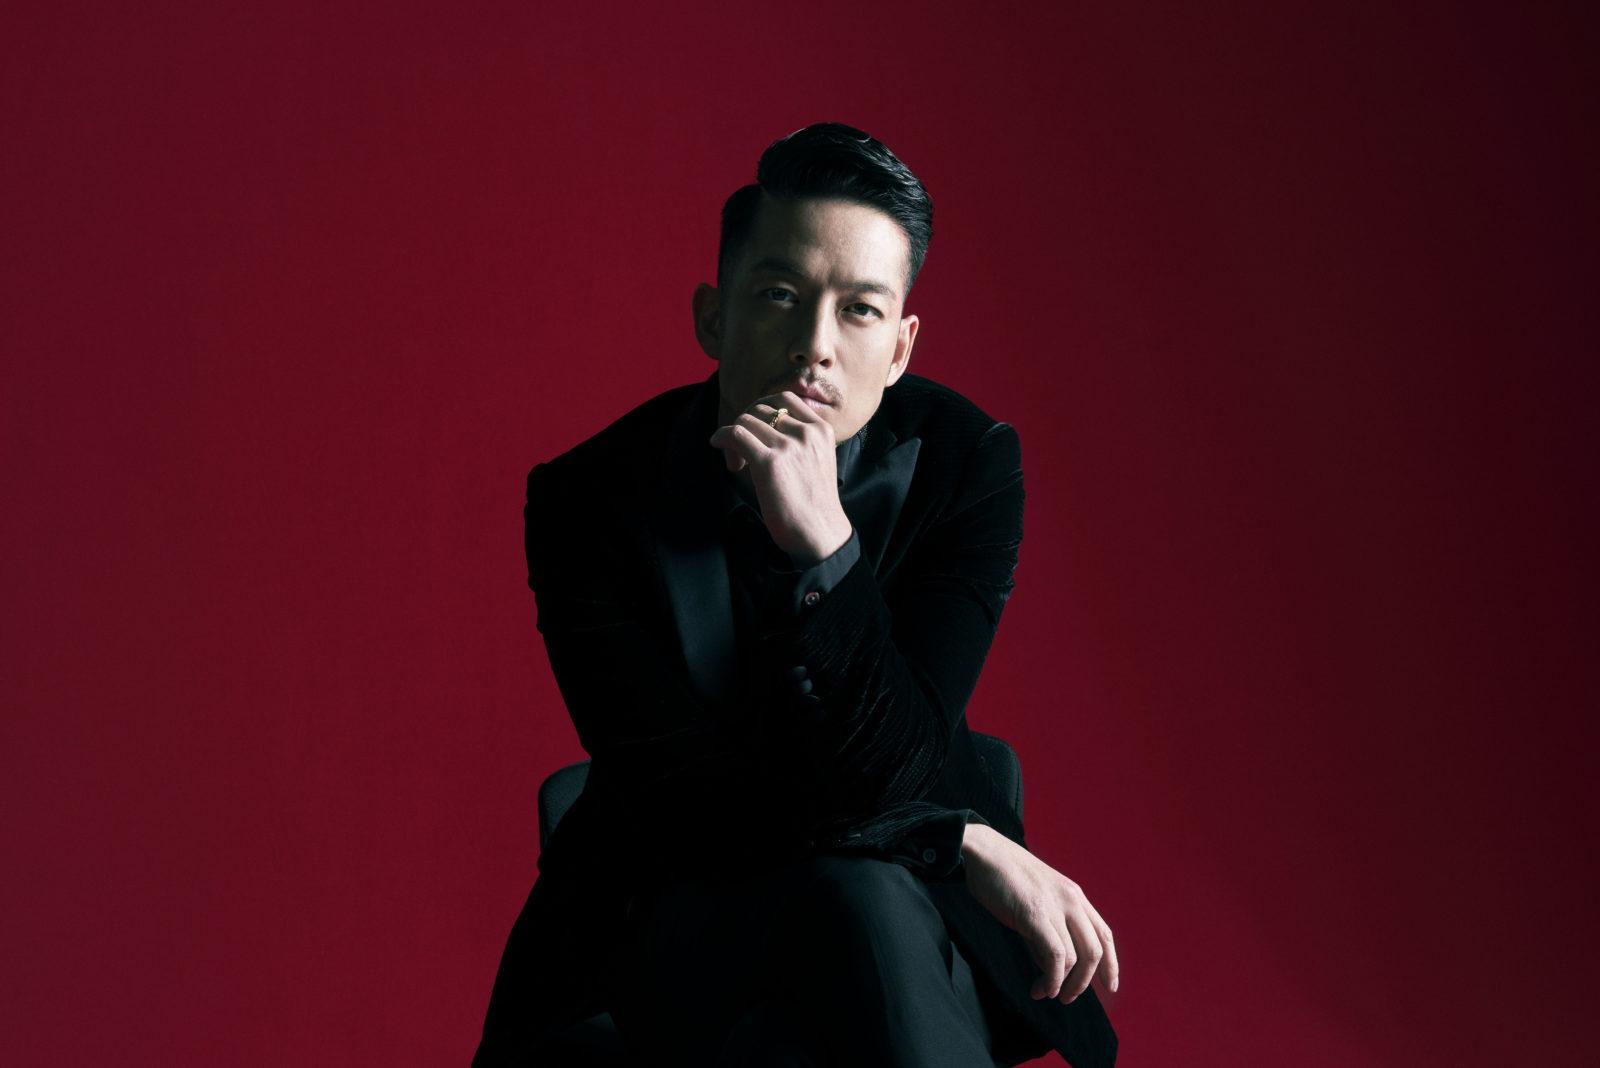 清木場俊介、キャリア初の配信LIVE「ENLARGE BAR」を2days開催!YouTubeチャンネルで作り上げたキャンプ場から生配信!サムネイル画像